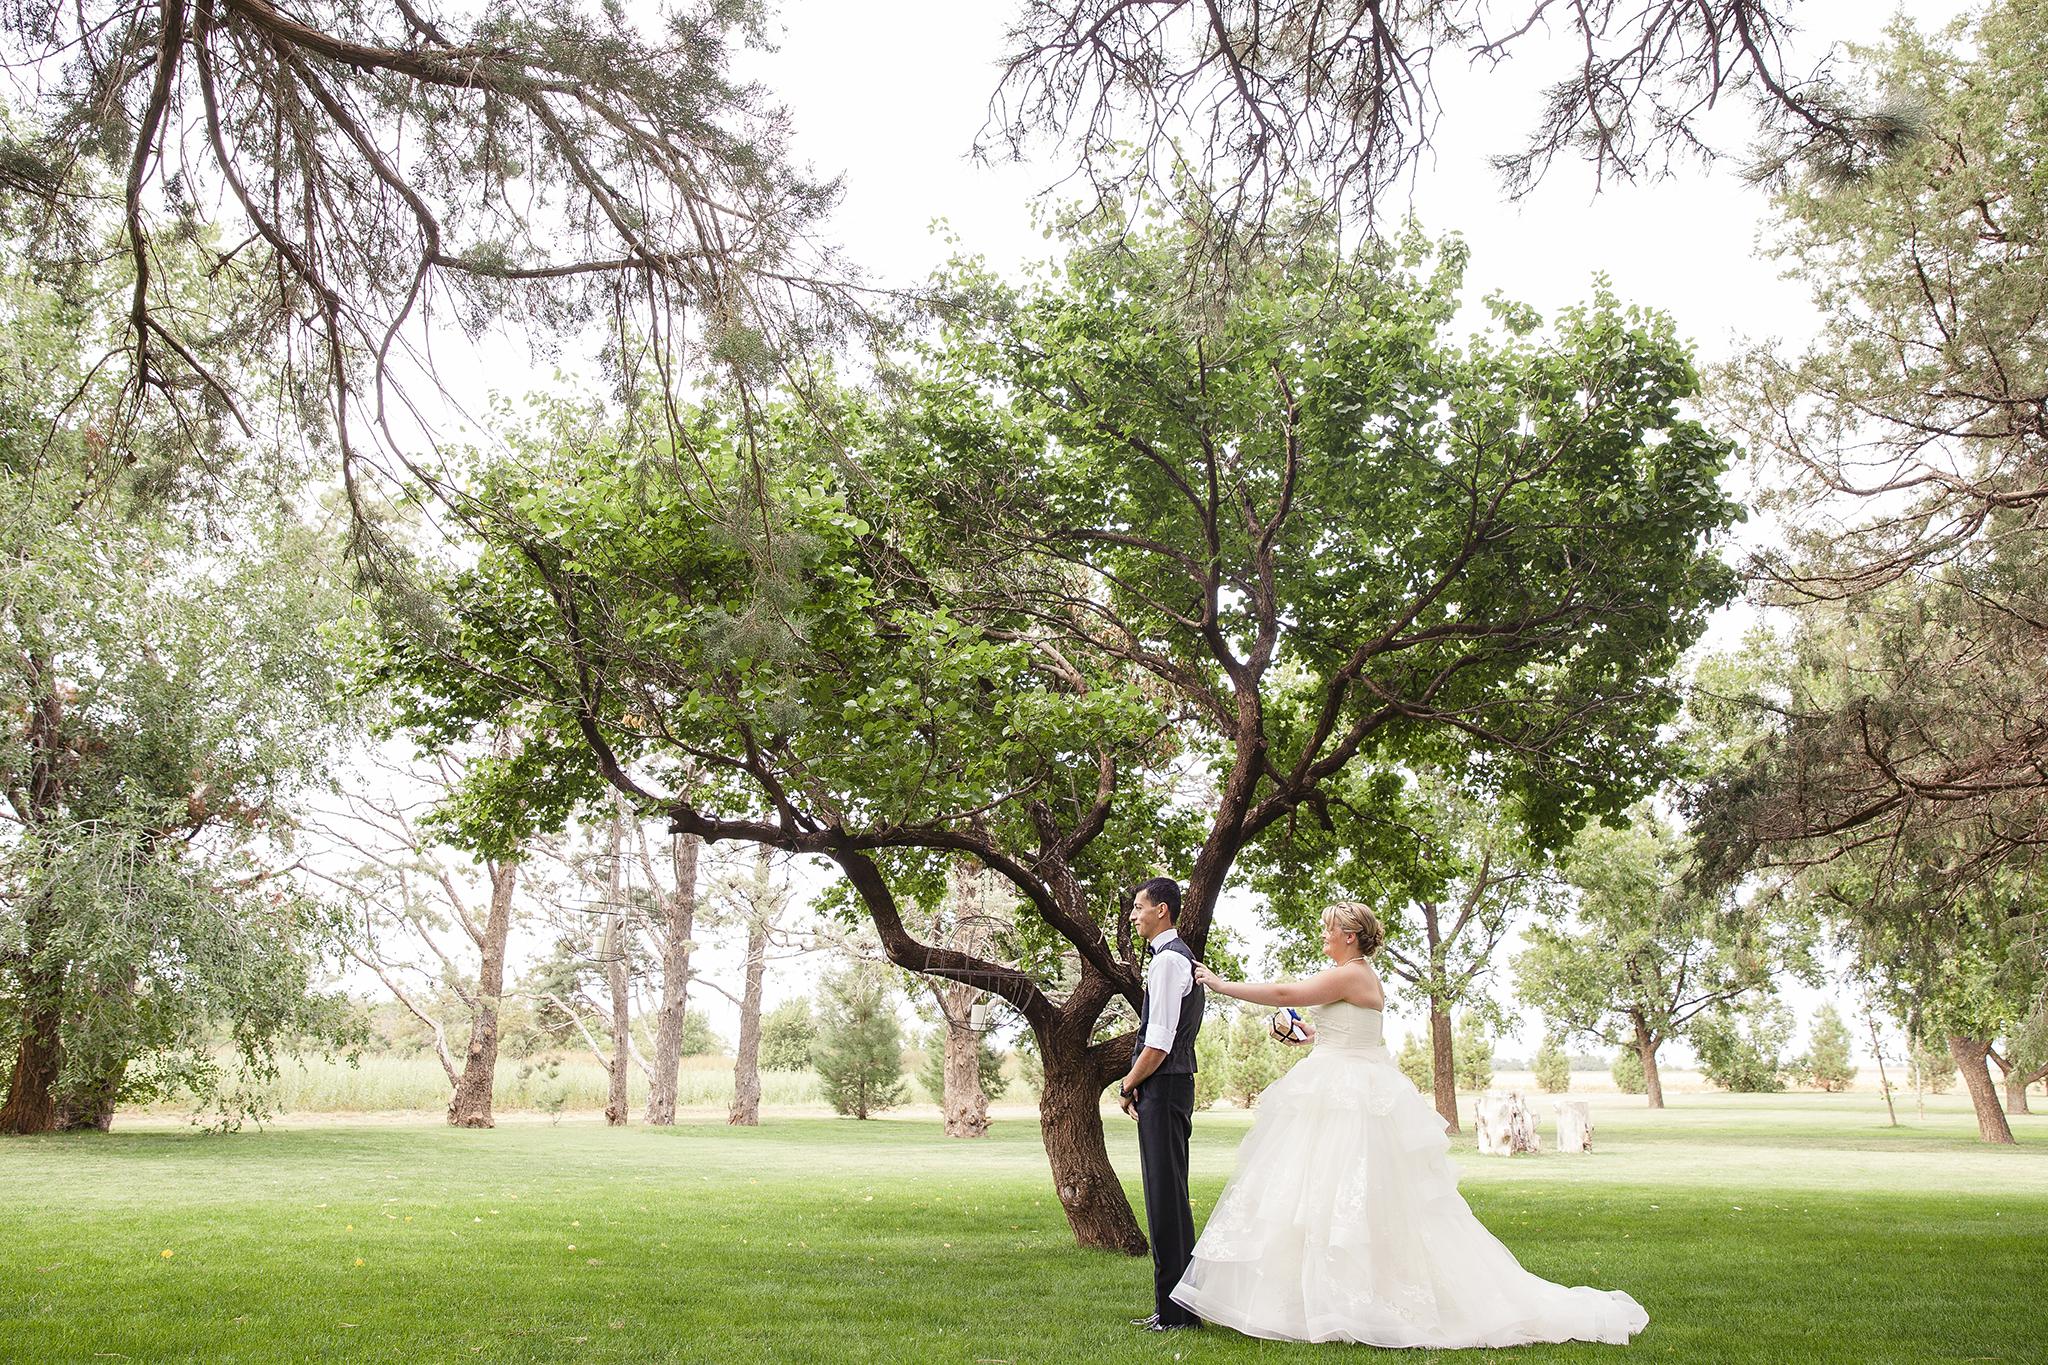 First look, outdoor weddings, Walnut Tree Weddings, Olton, Autumn Wedding, Fall Weddings